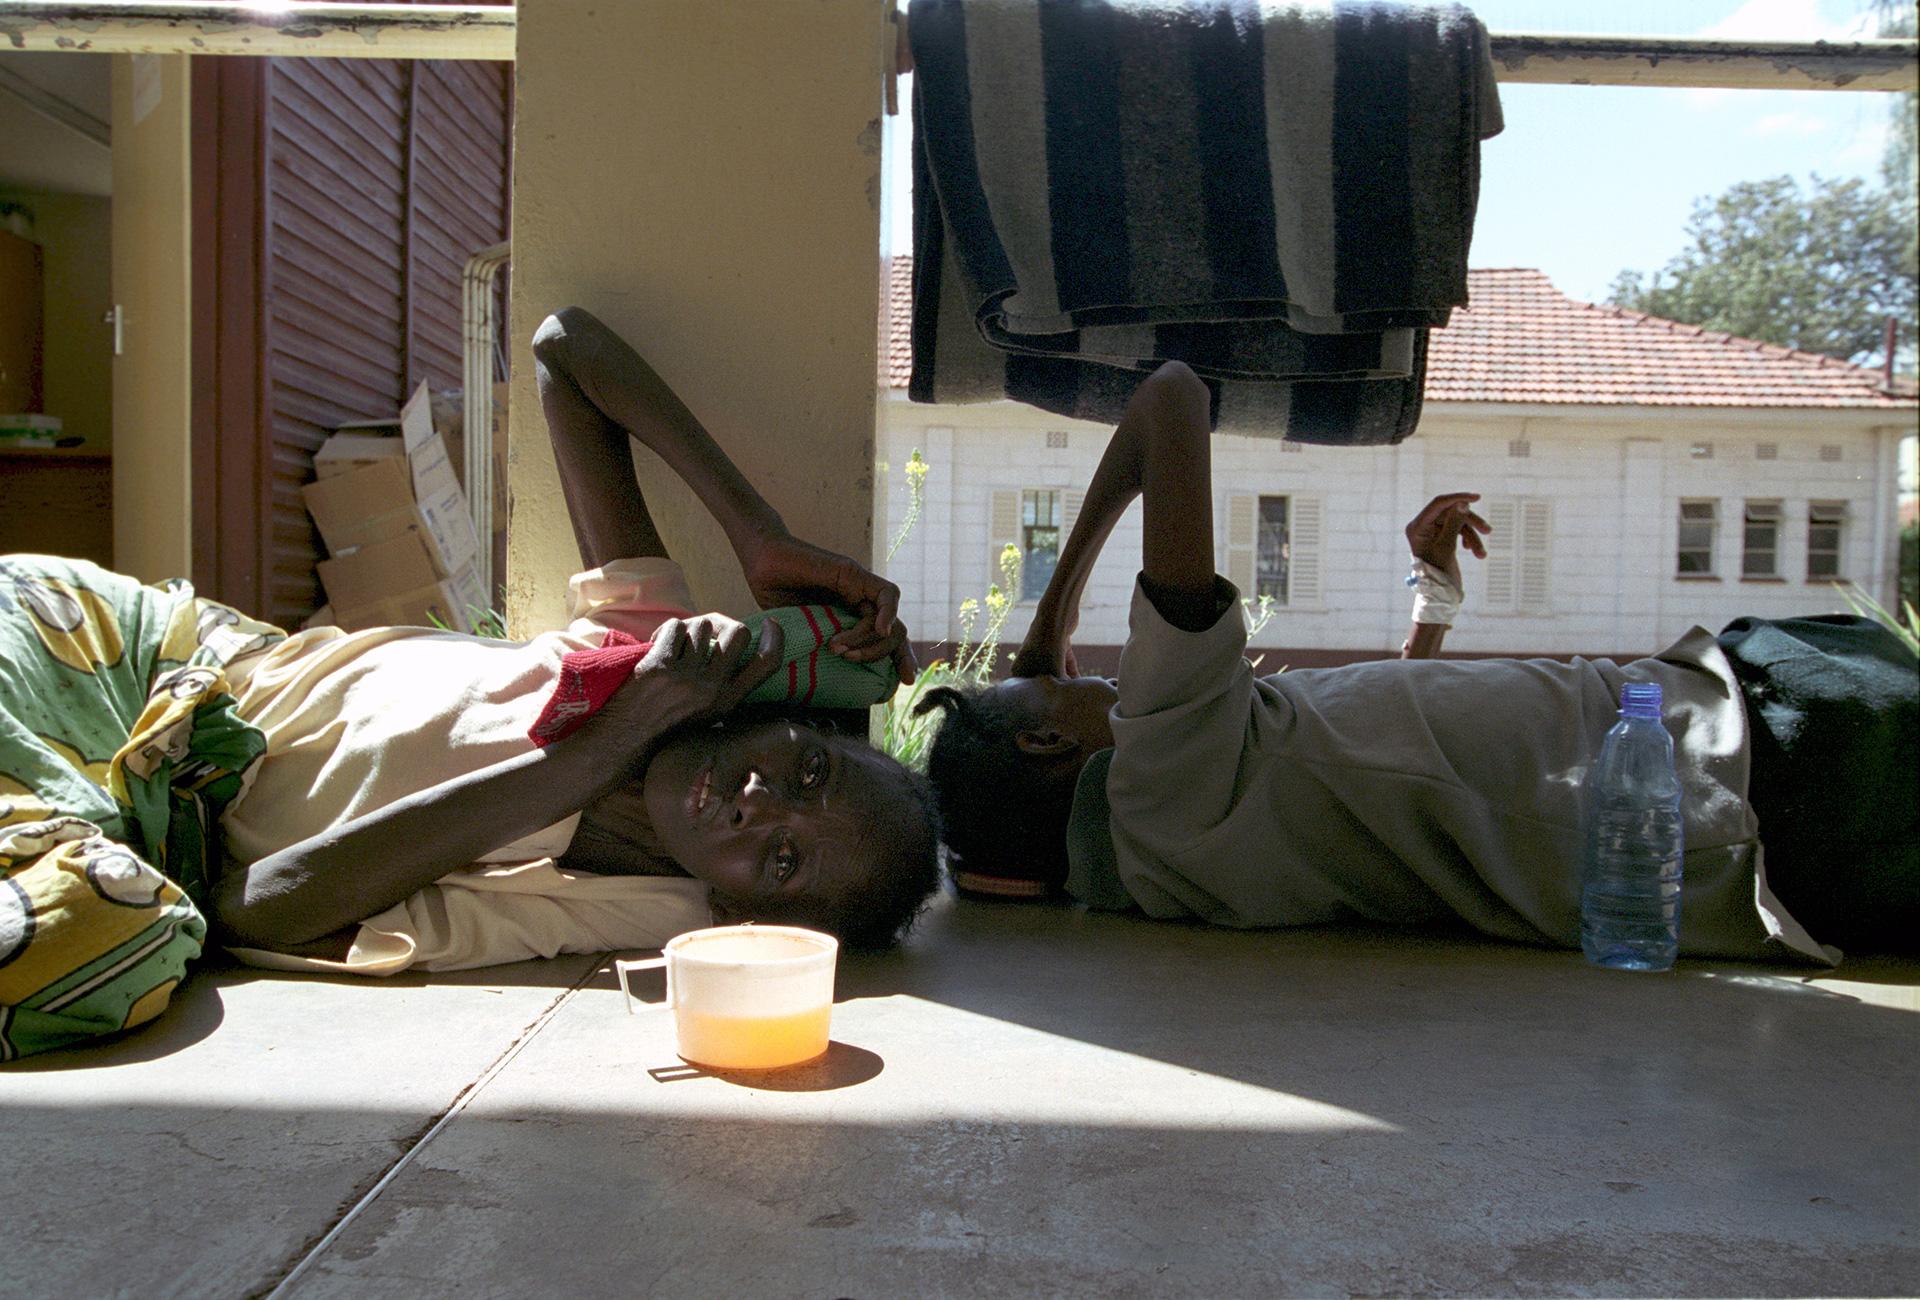 Donne in attesa ricovero - Nairobi : Stefano Cardone Photographer Reportage